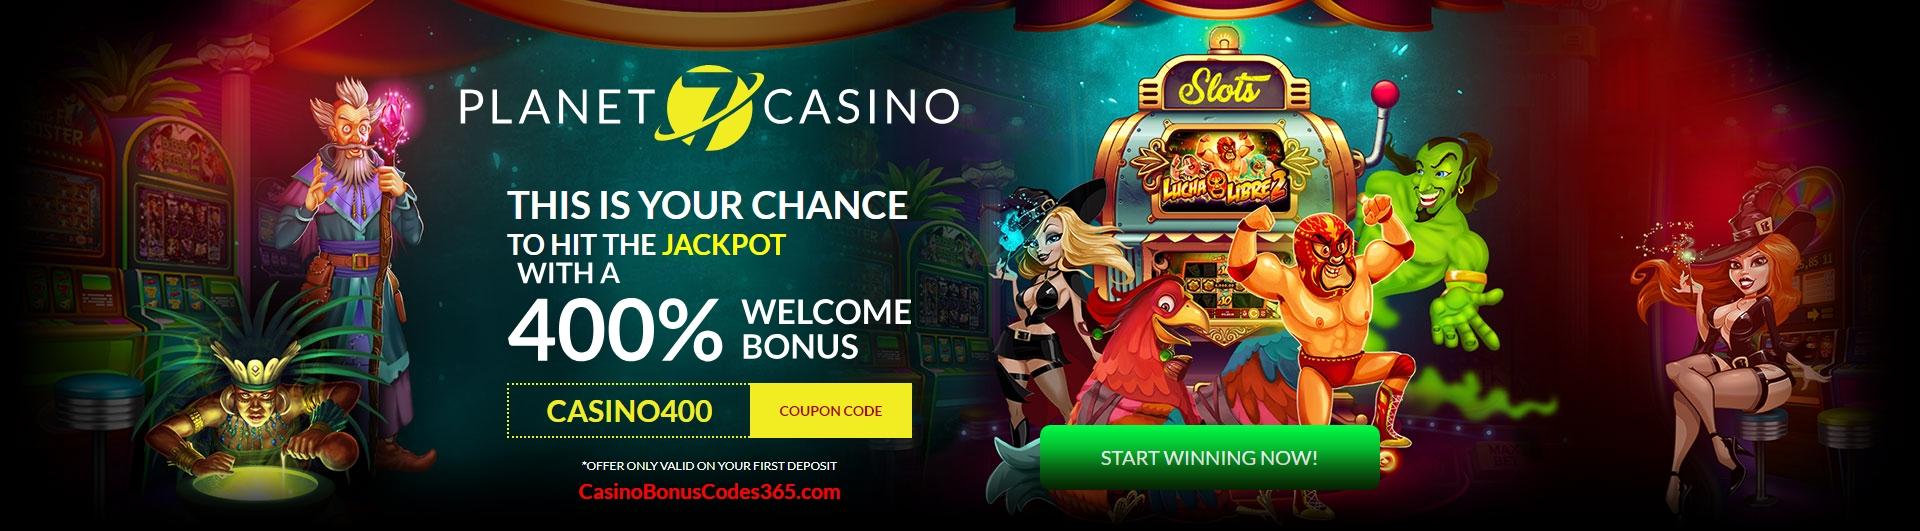 930% Best signup bonus casino at 888 Casino